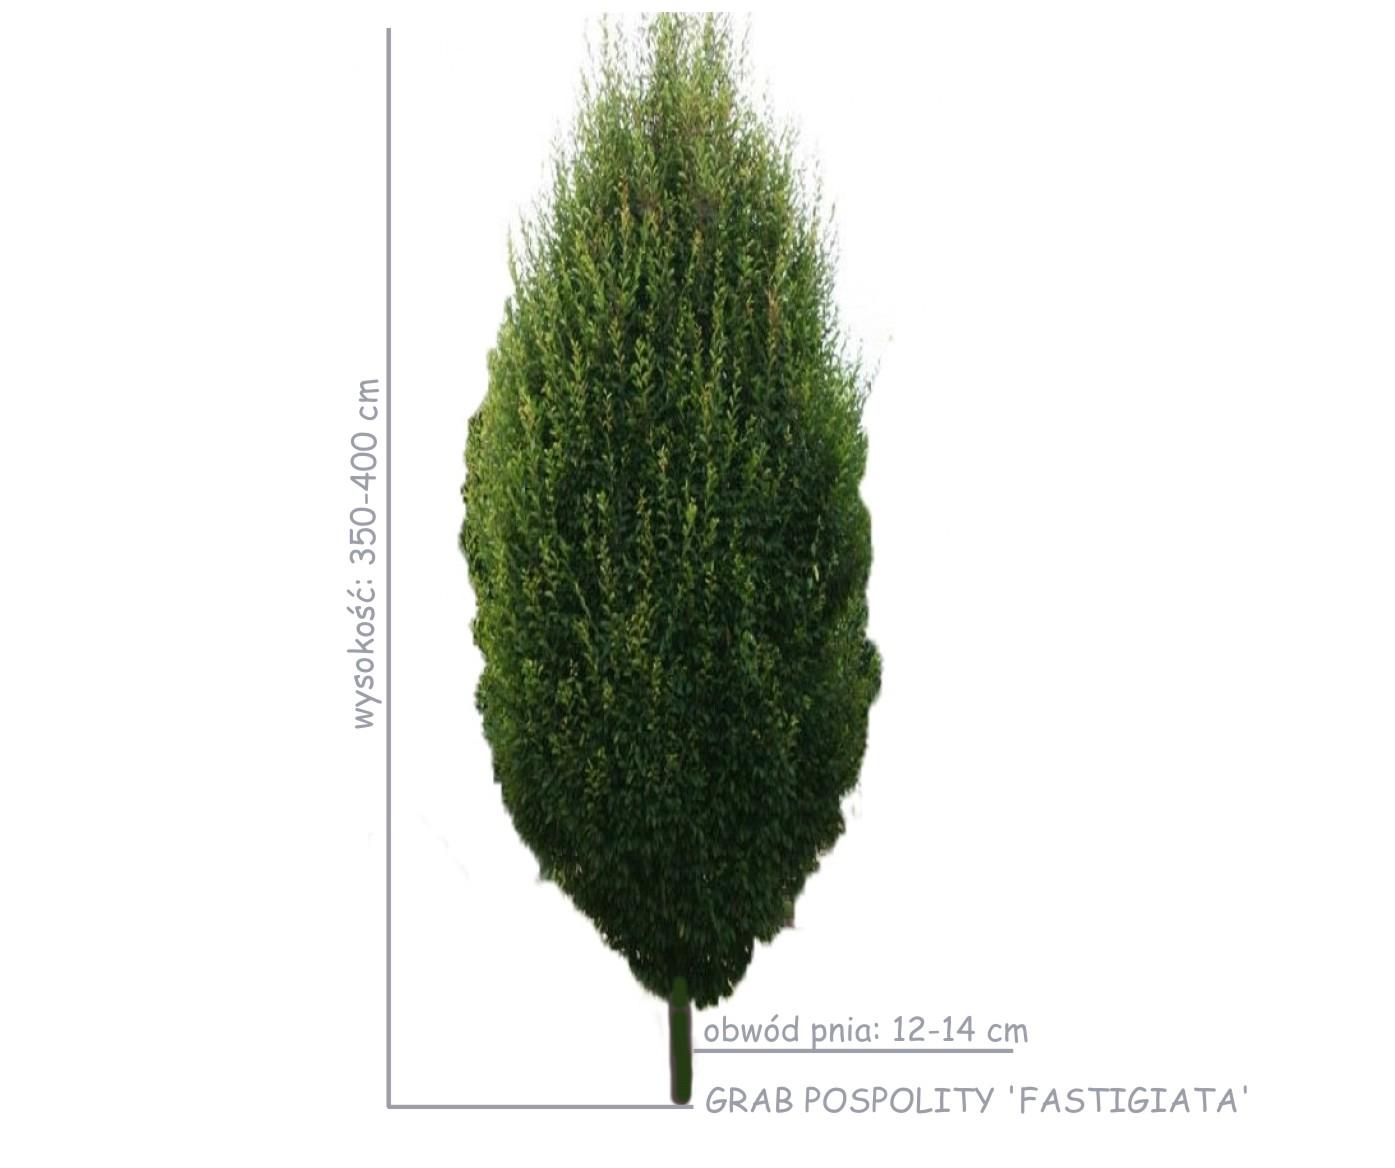 duże sadzonki grabu pospolitego Fastigiata o obwodzie 12-14 cm